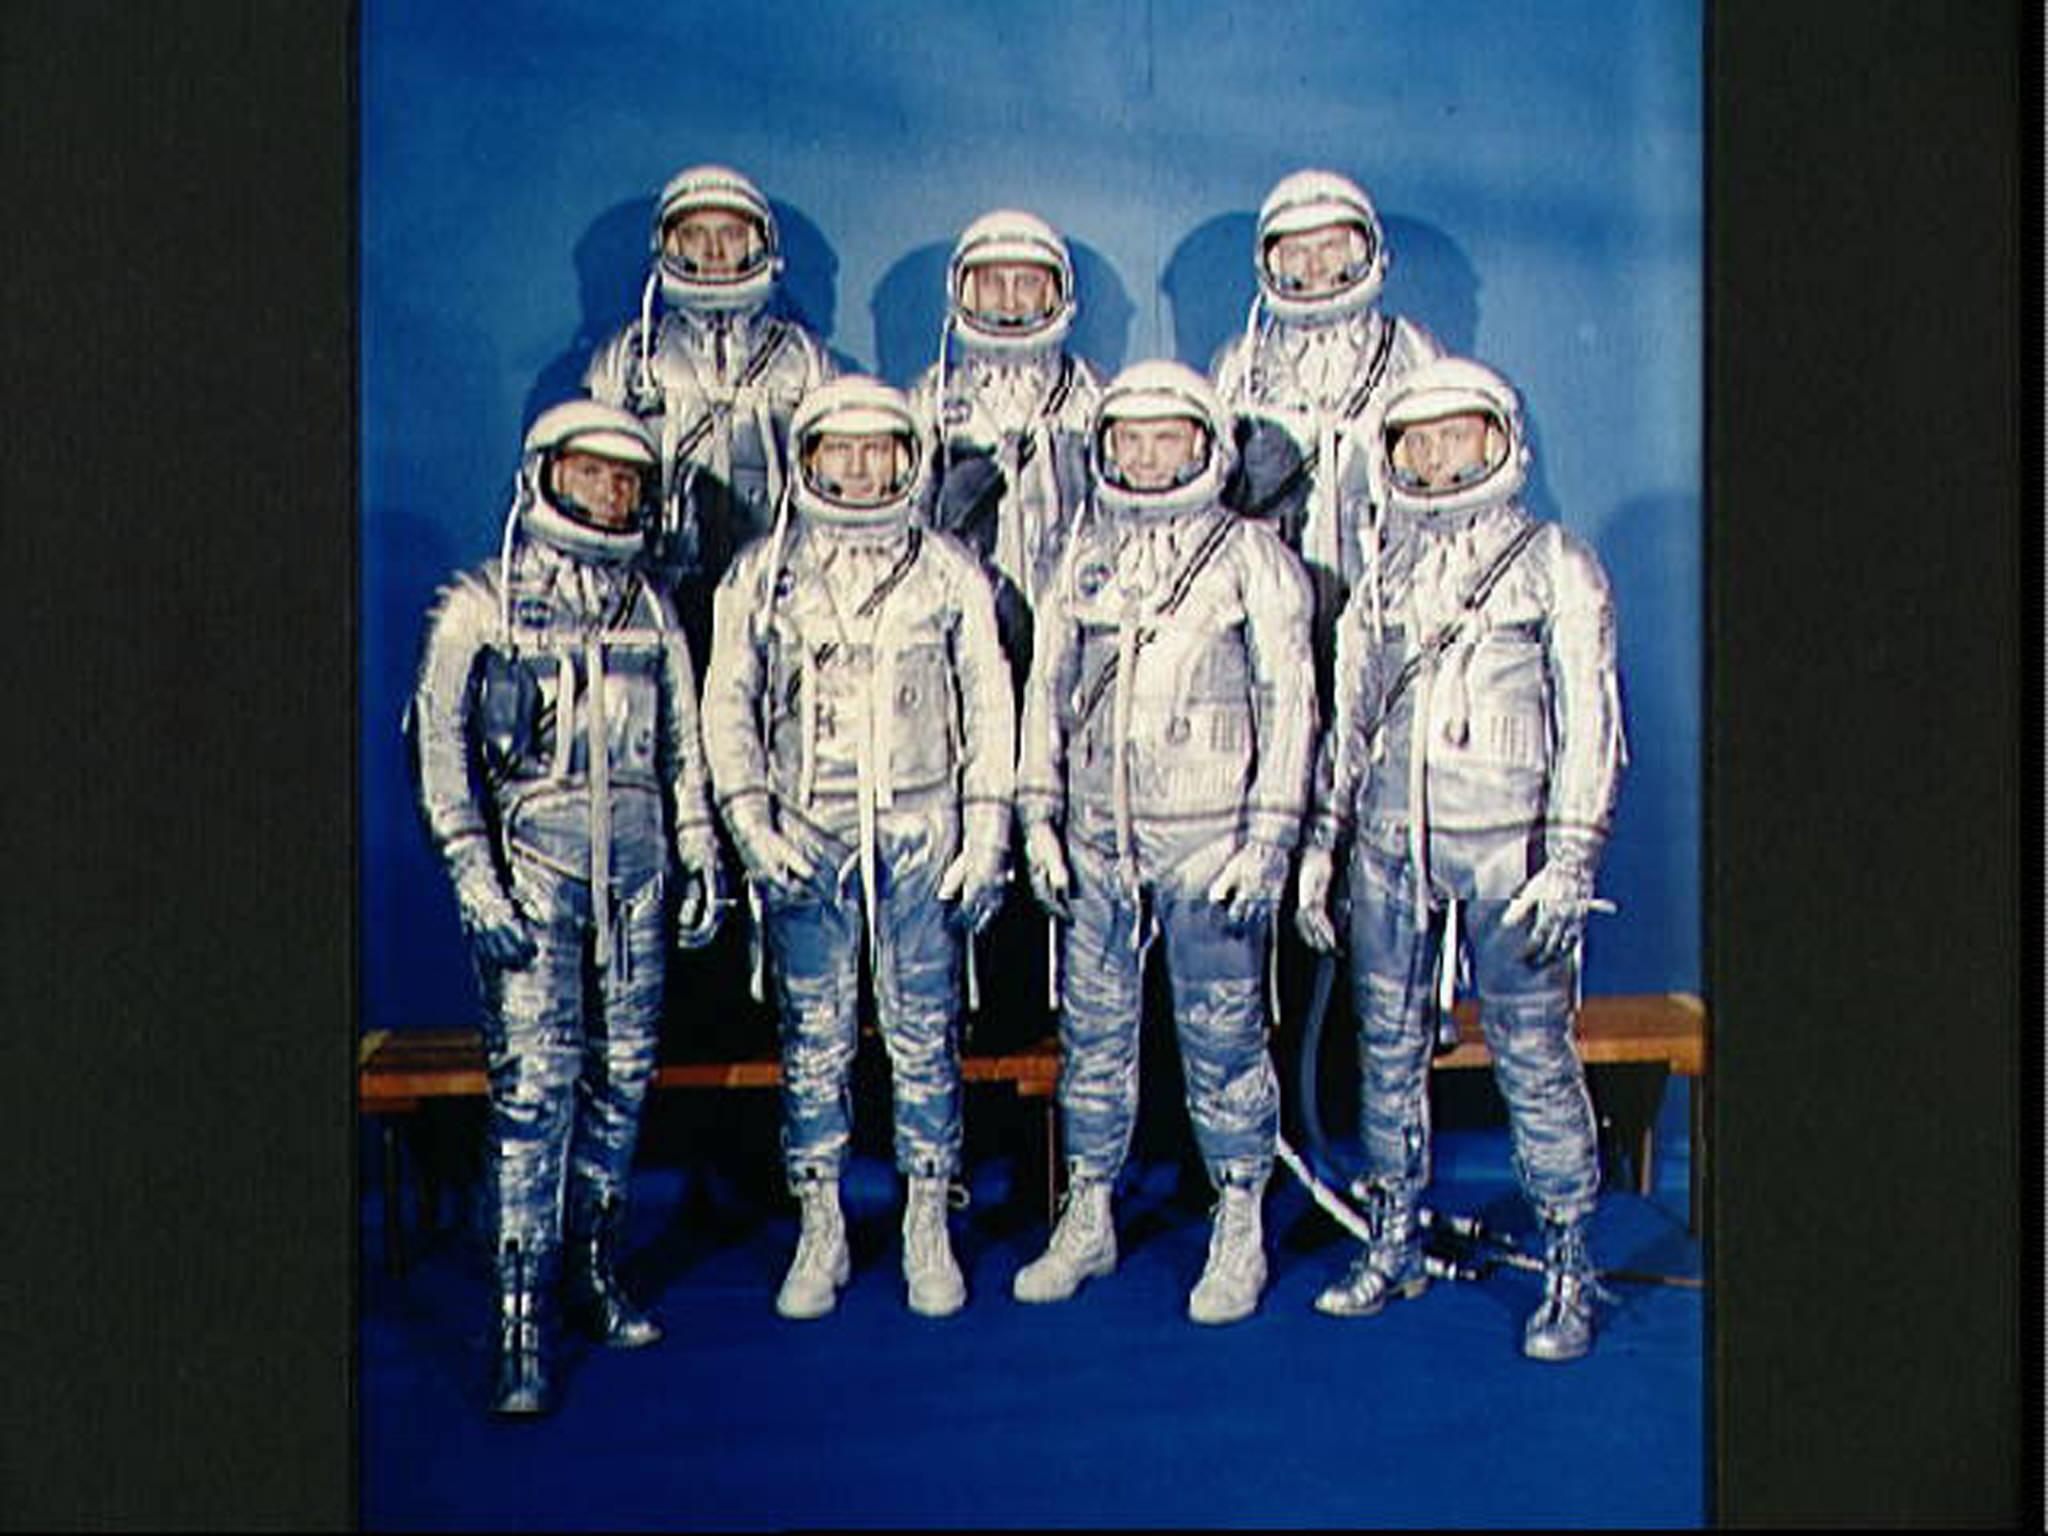 أعضاء برنامج ميركوري السبعة عام 1962